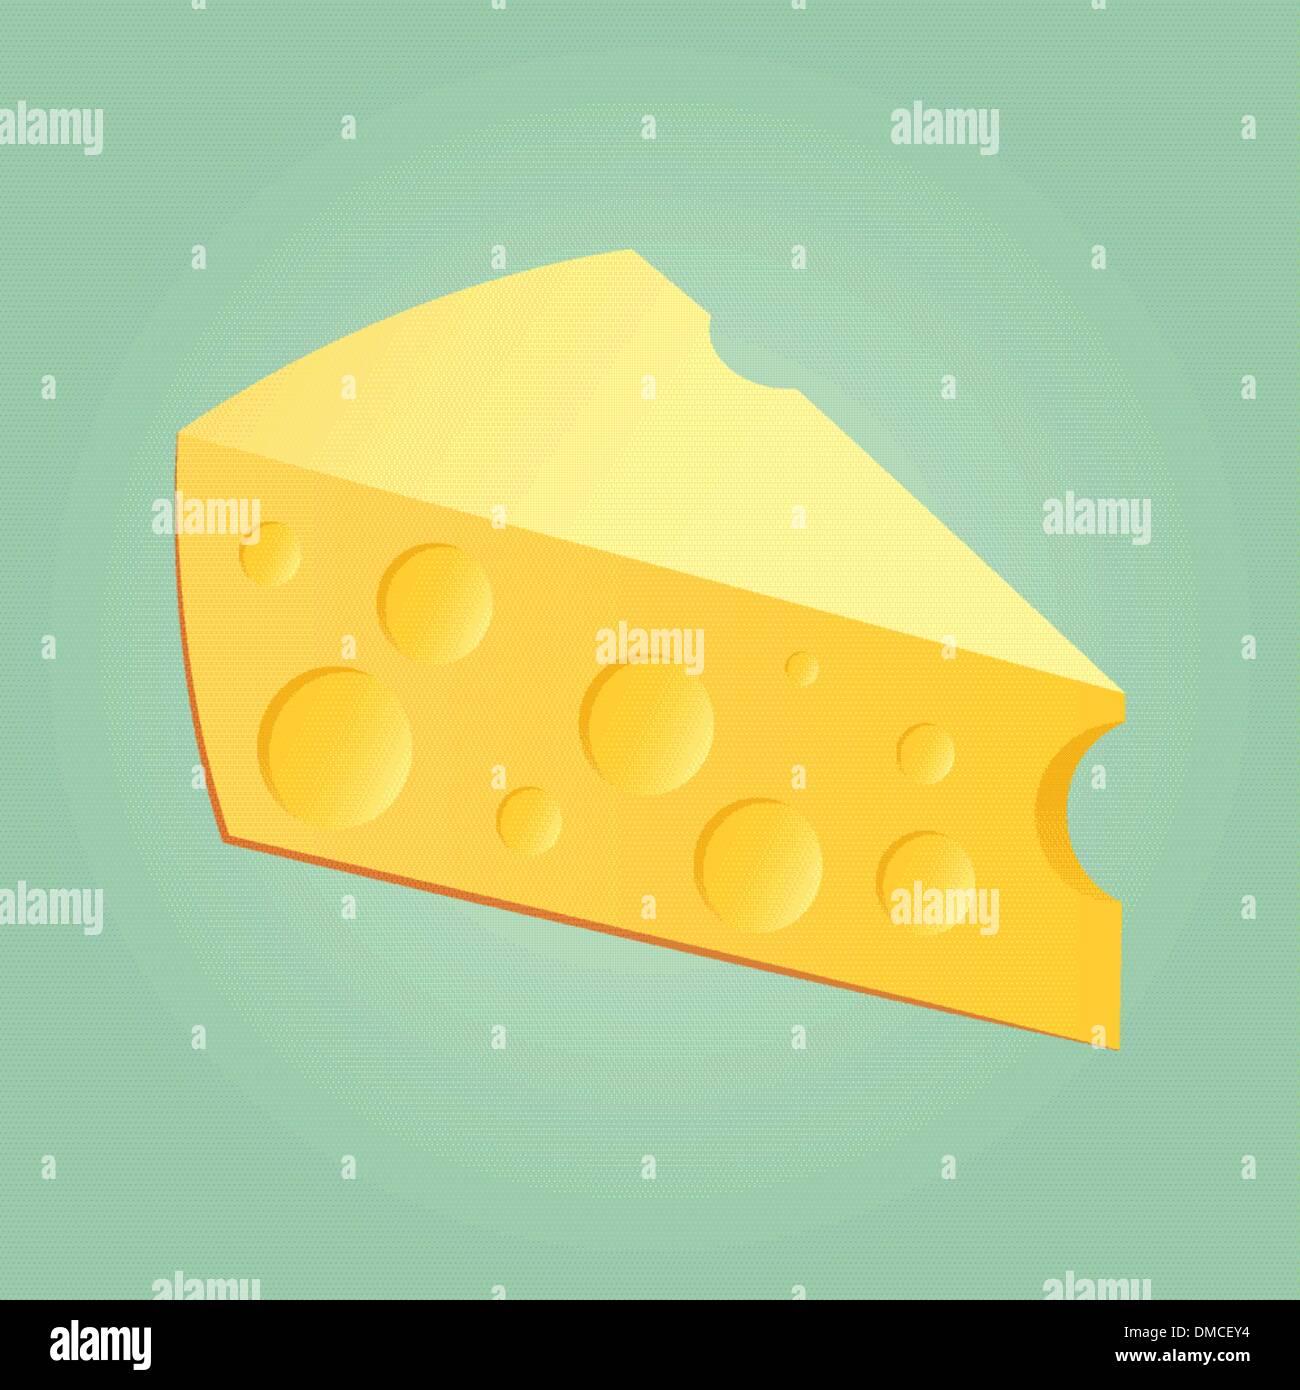 Platte aus Käse Stockbild